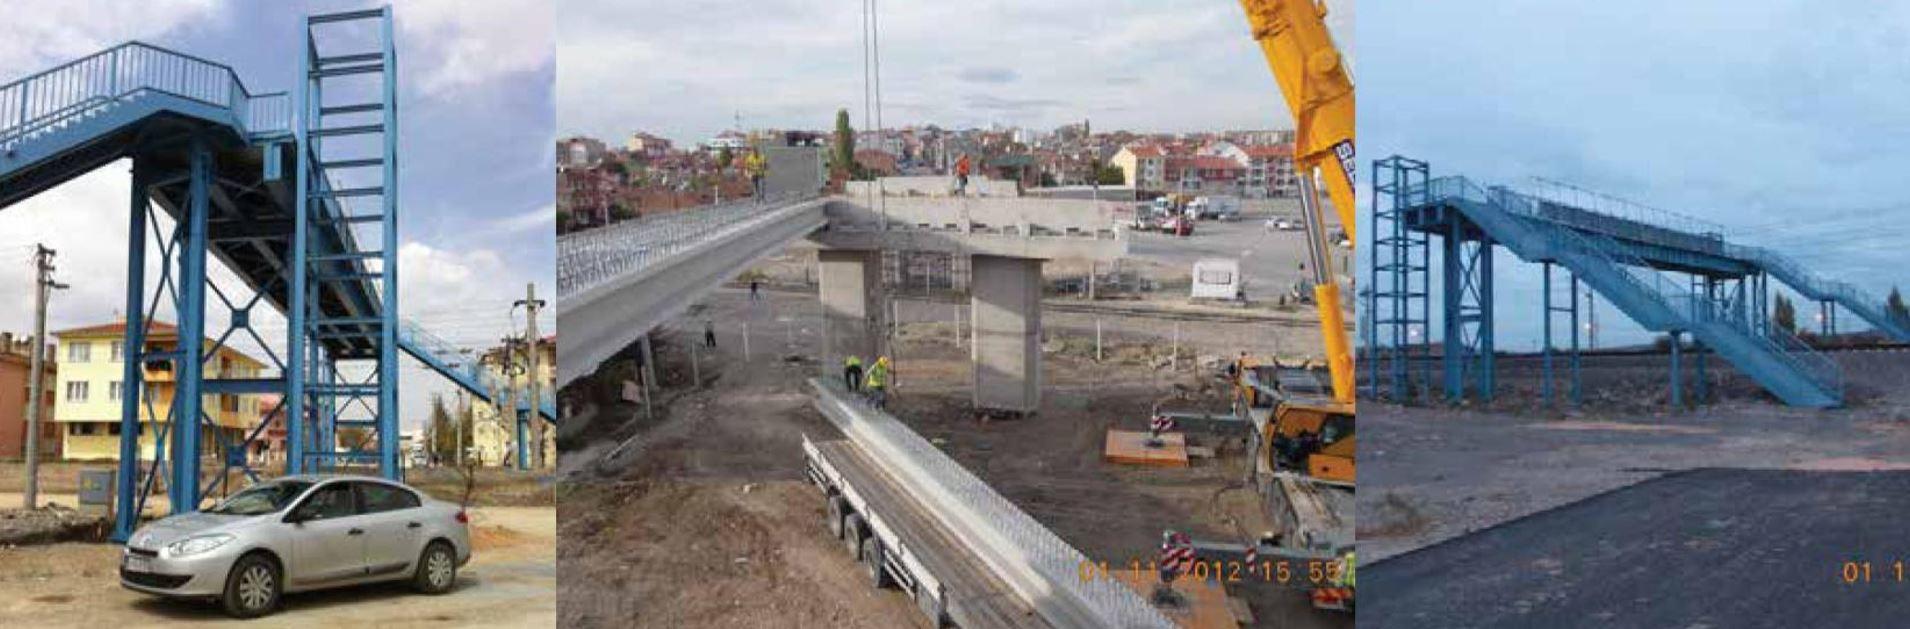 Ankara-İstanbul Yüksek Hızlı Tren Projesi Çamlıca Köprüsü, Yeşilırmak ve Ahmet Rasim Çelik Köprüleri İnşaatı